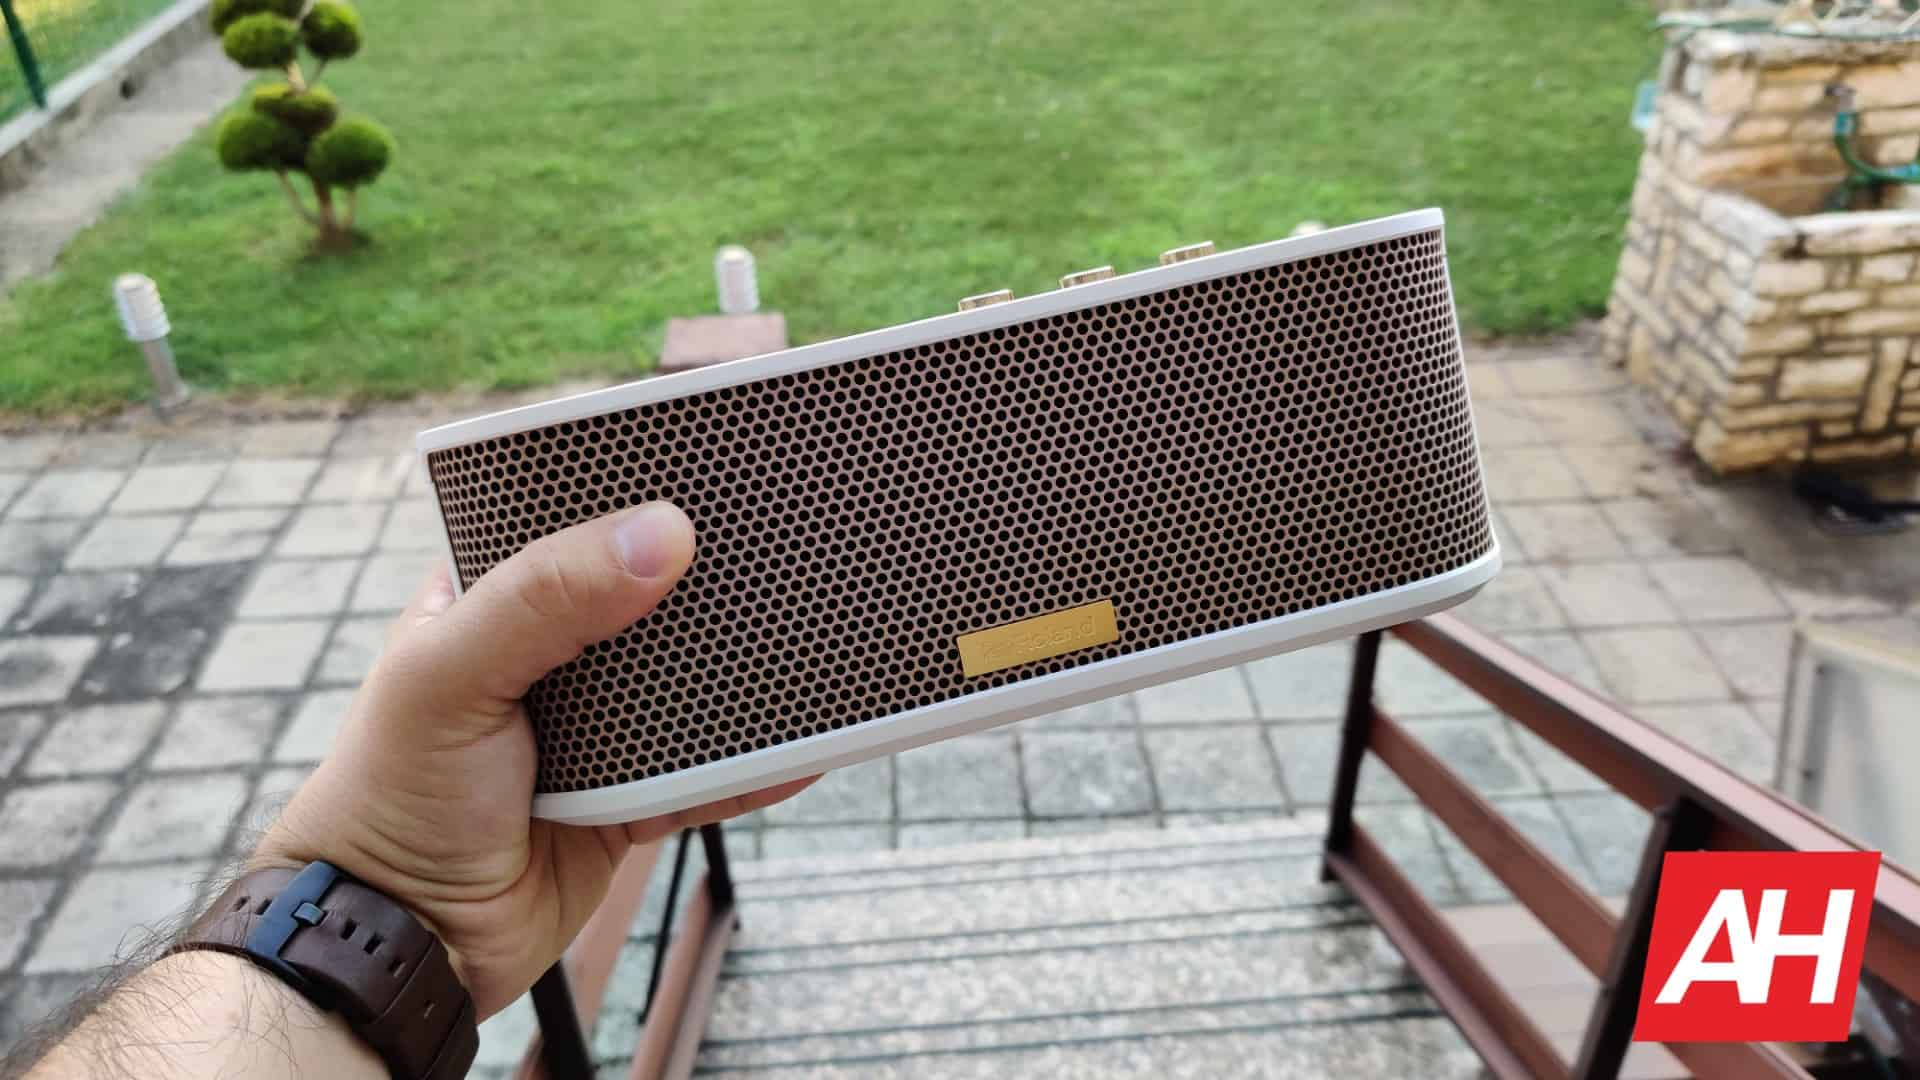 Roland BTM 1 Bluetooh speaker 19